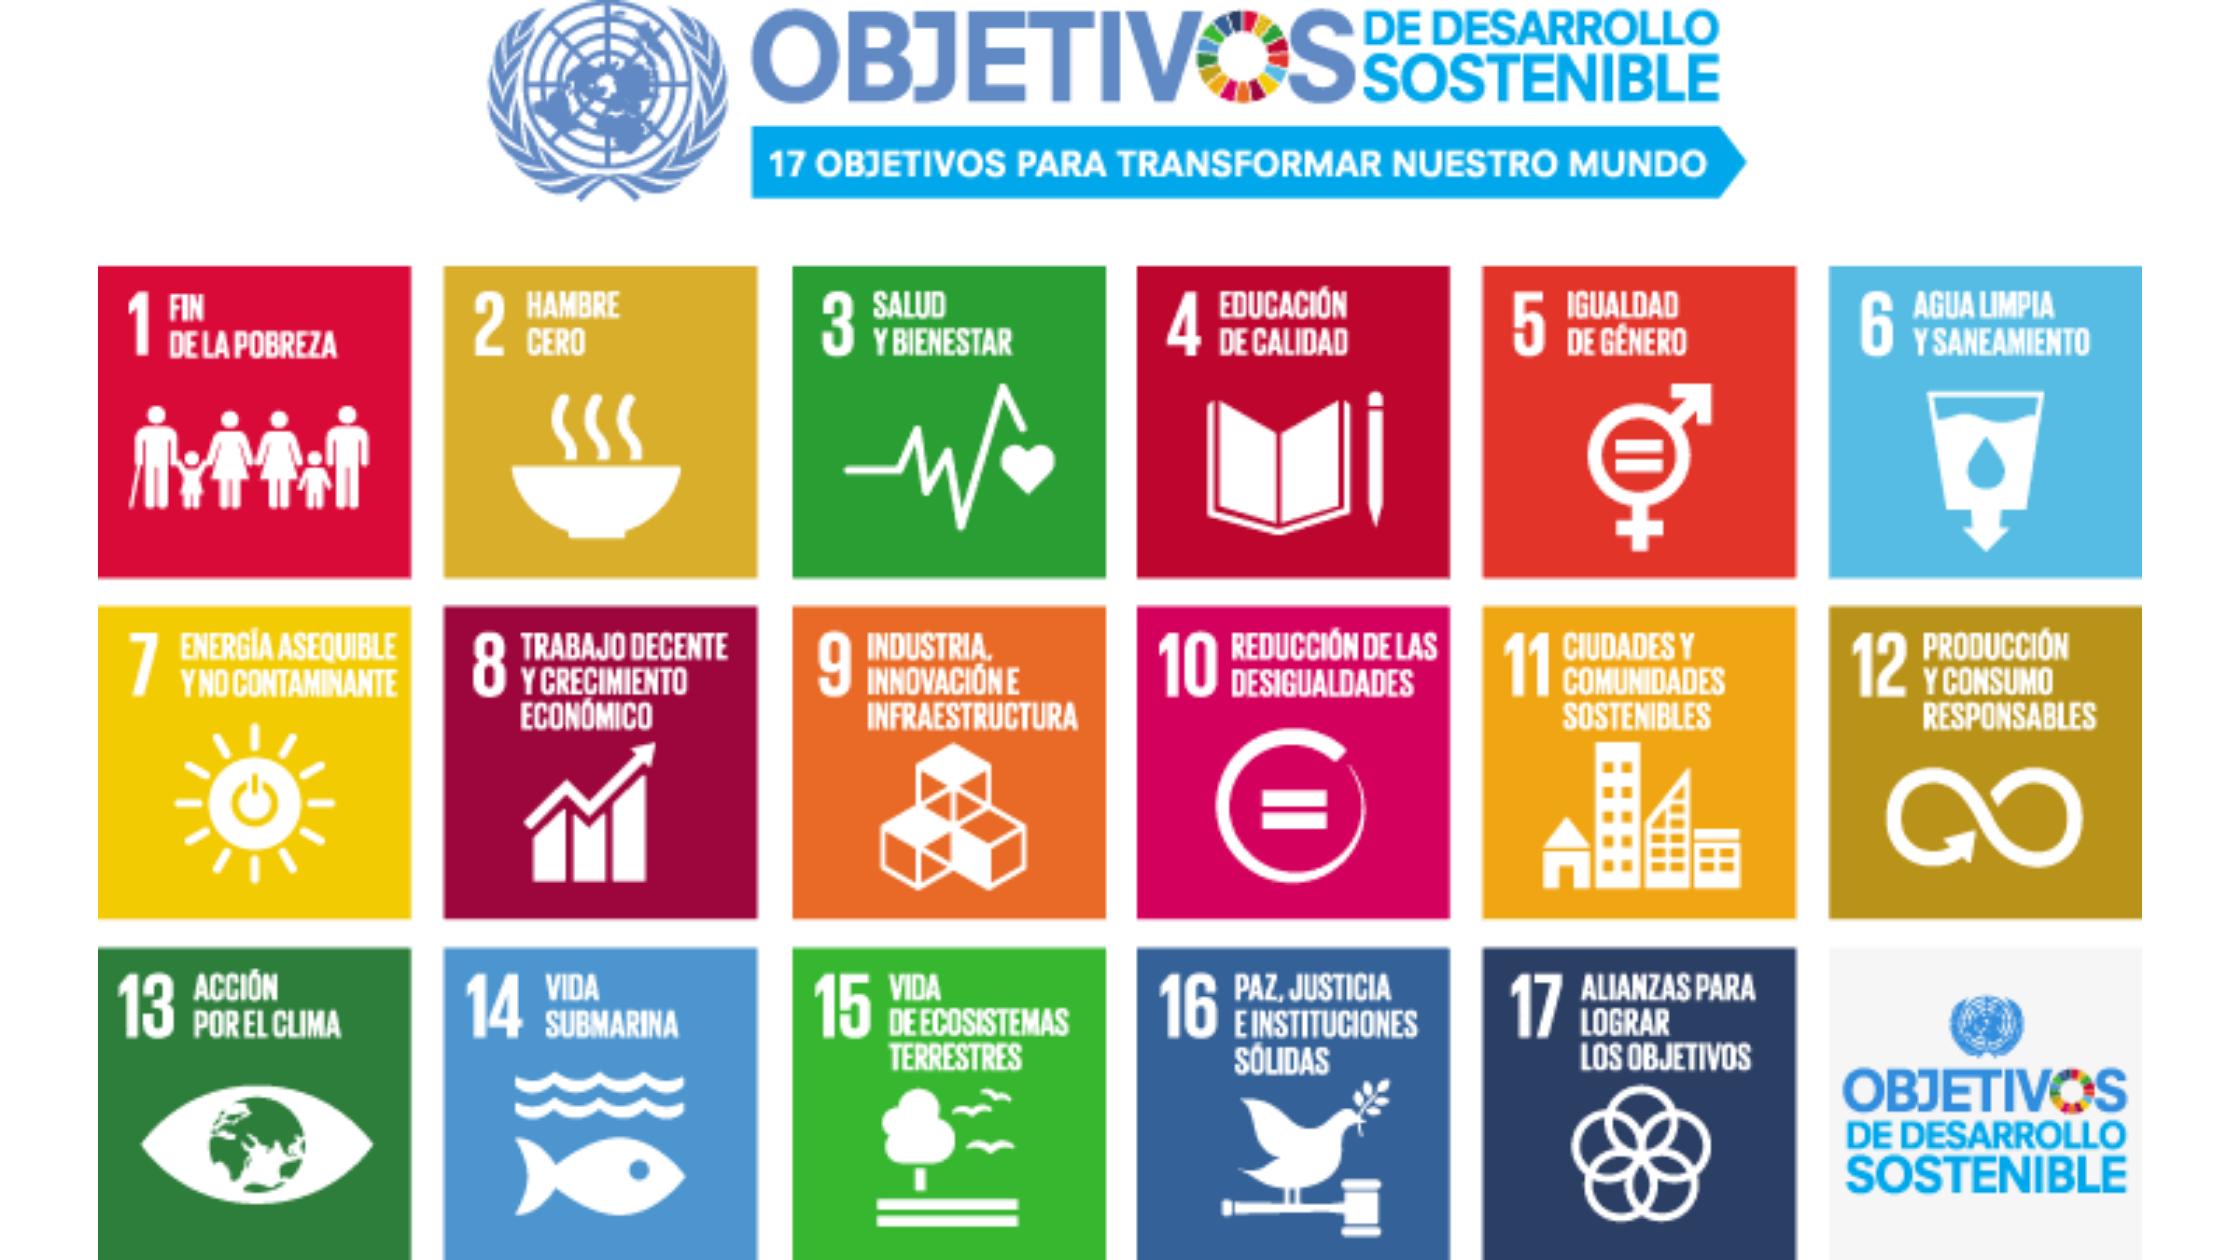 Agenda 2030. 17 Objetivos de Desarrollo Sostenible